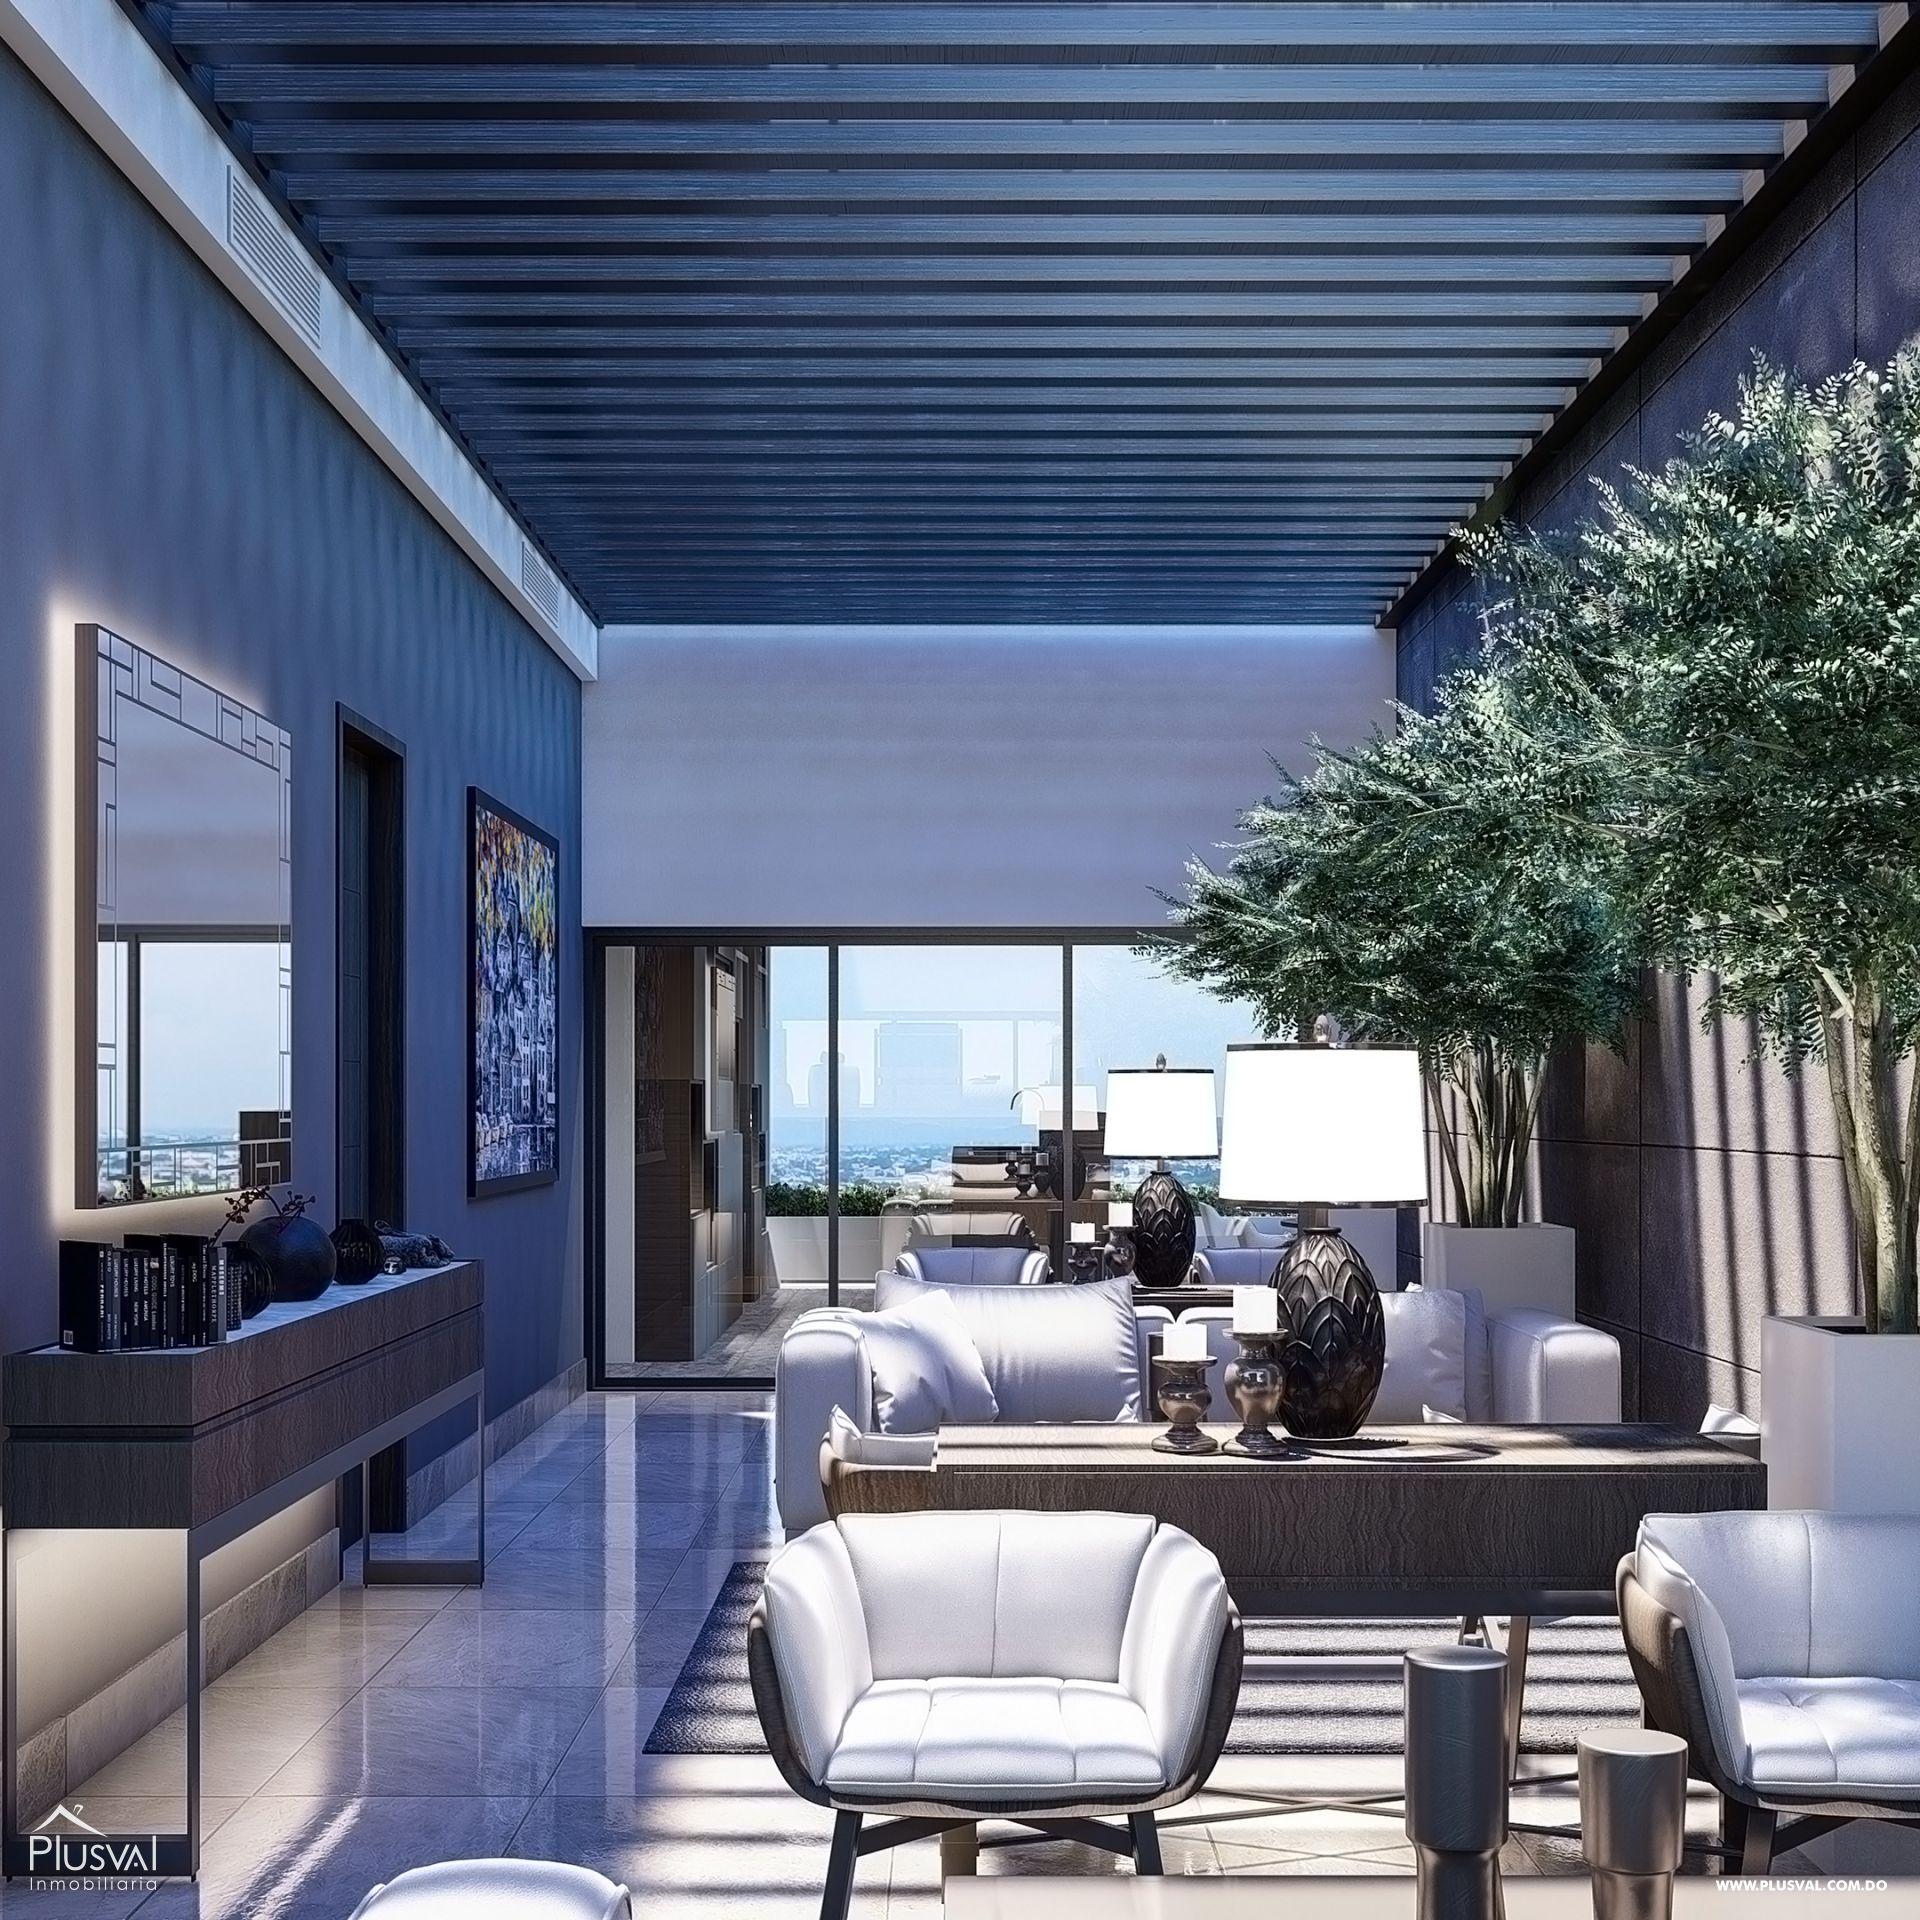 Imponente torre con apartamentos en venta uno por piso con vista al mar en Avenida Enriquillo, Cacicazgos. 144525